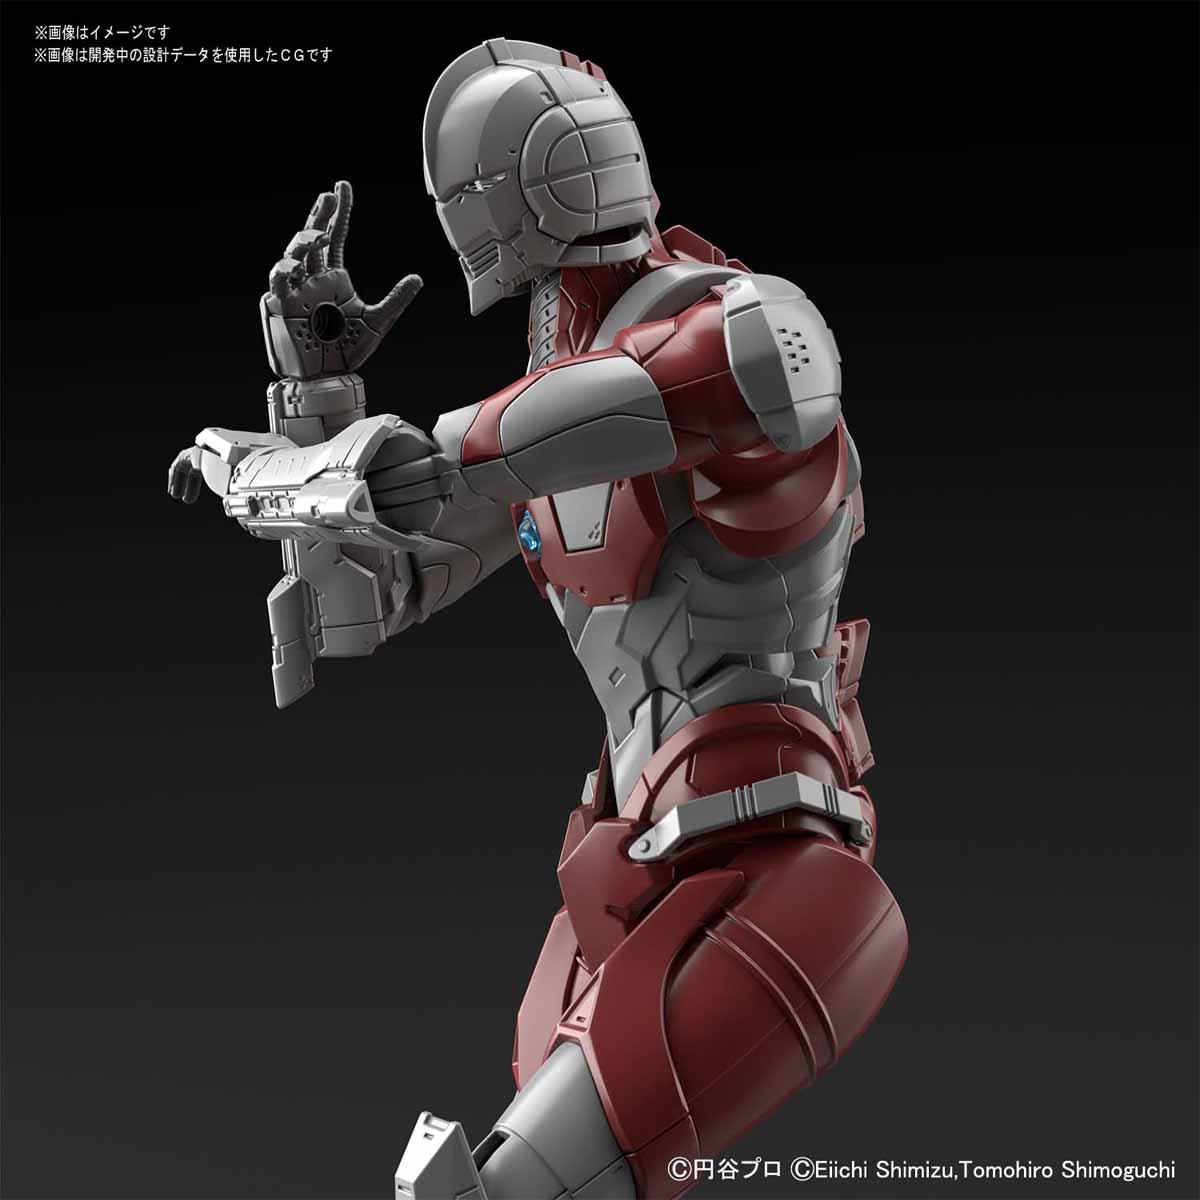 Figure-rise Standard『ULTRAMAN [B TYPE] -ACTION-』ウルトラマンスーツ Bタイプ 1/12 プラモデル-003